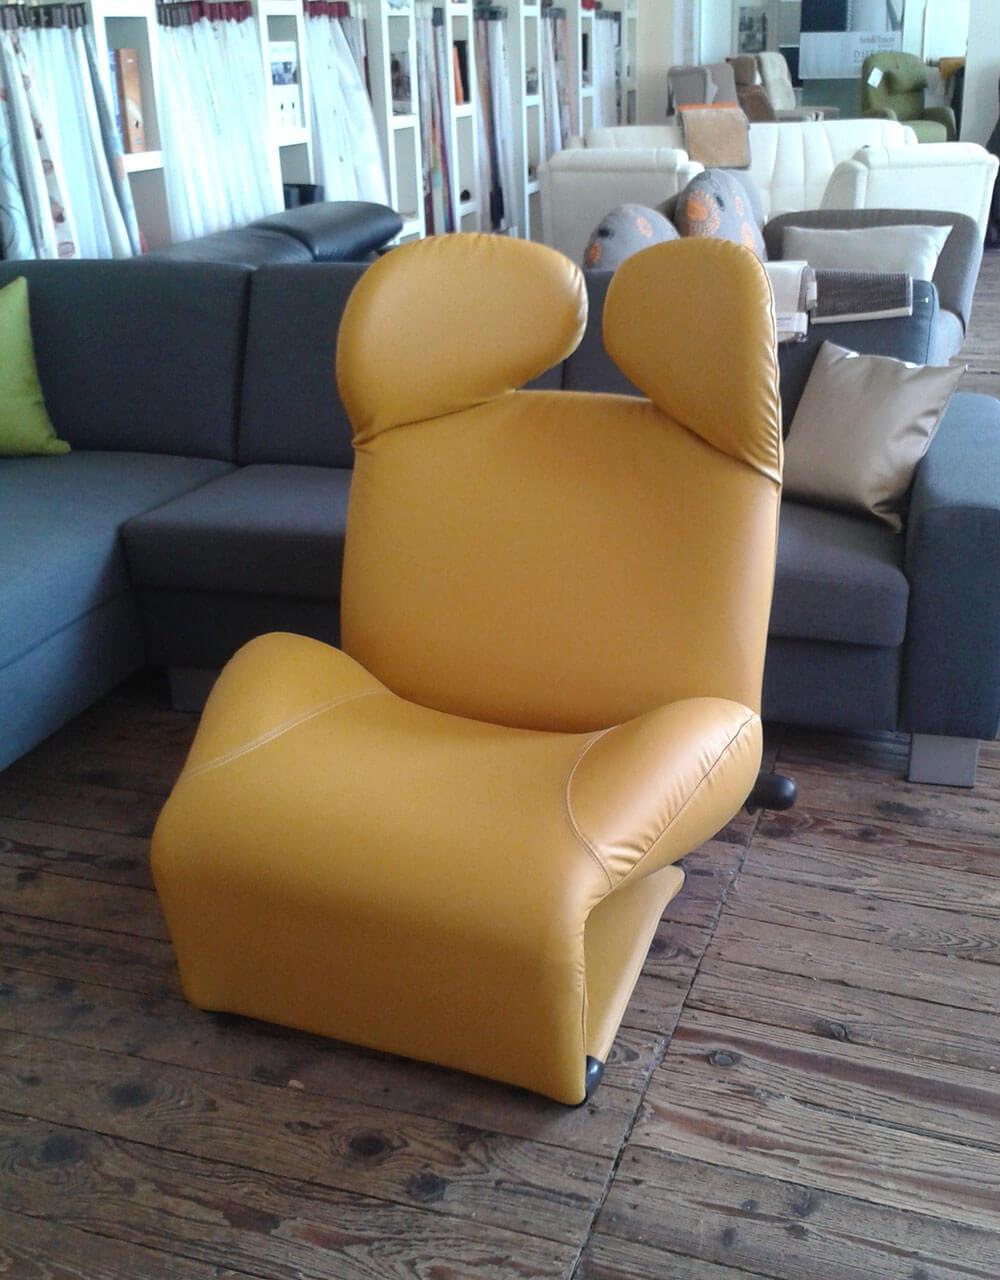 Polsterarbeiten Sessel groß - Raumausstattung Wallner